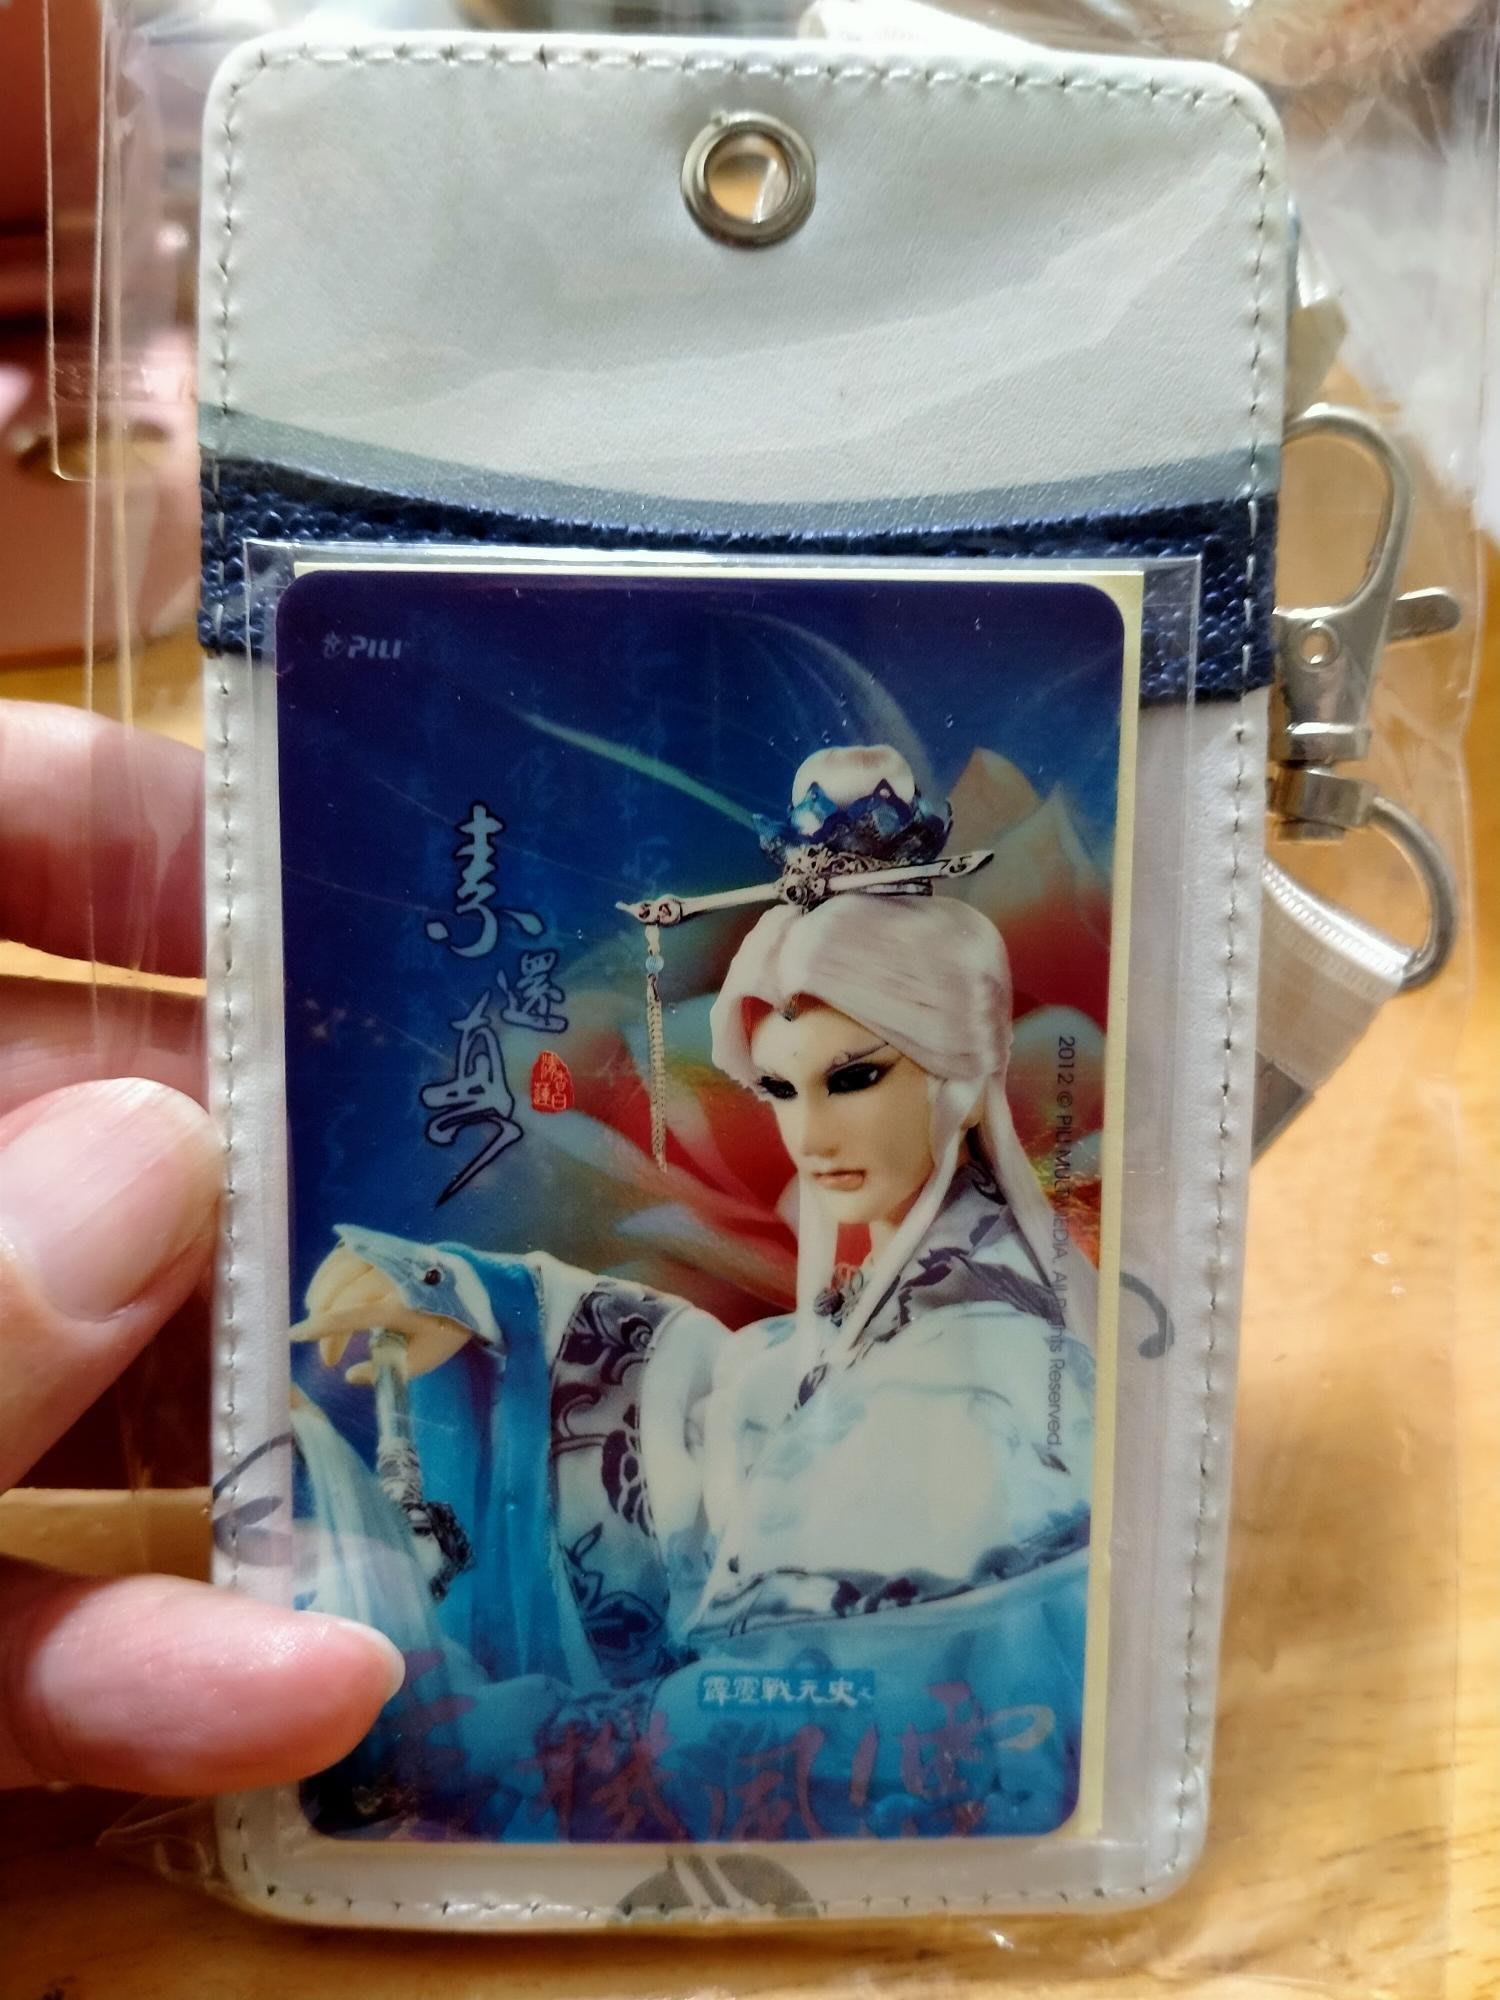 特價 霹靂悠遊卡 單款素還真 素還真悠遊卡 如圖片全新